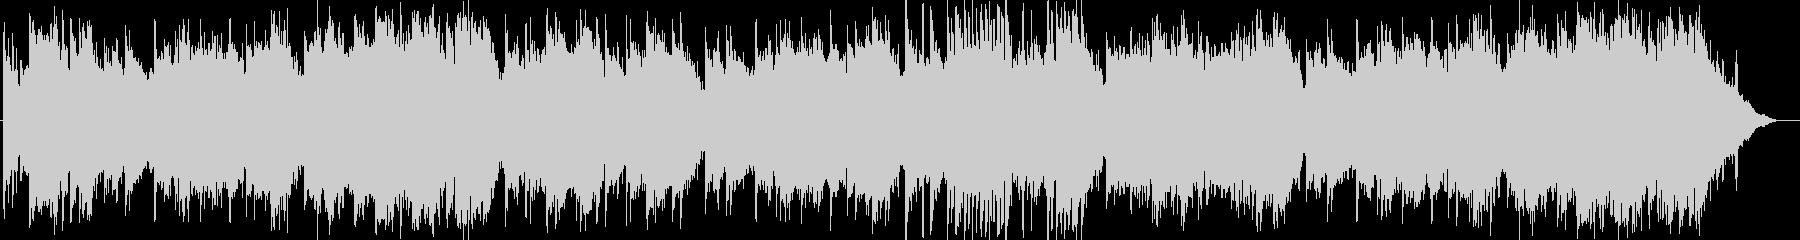 田園風イメージのスローワルツの未再生の波形